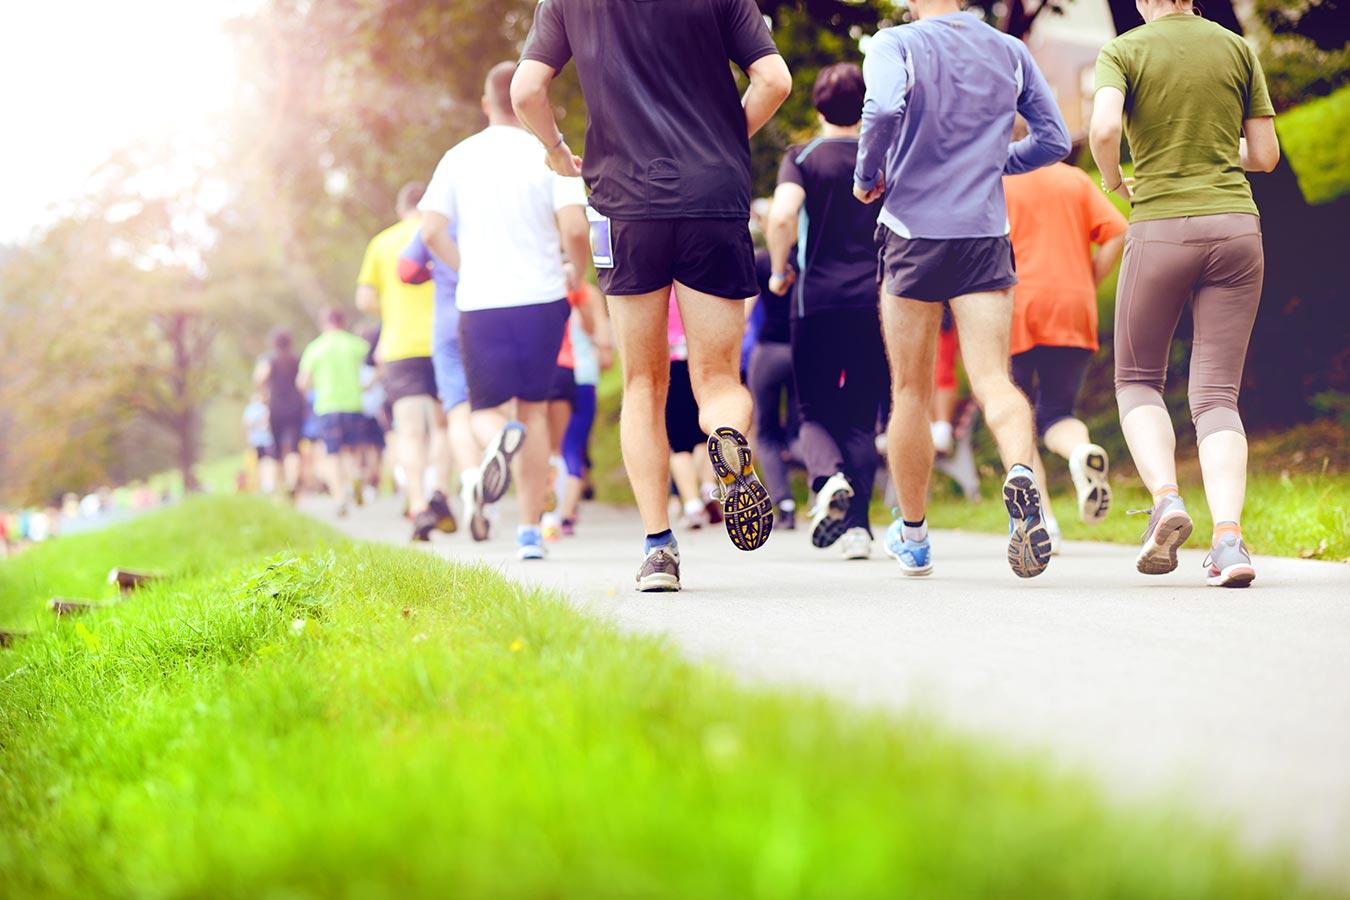 Može li previše trčanja biti štetno za zdravlje